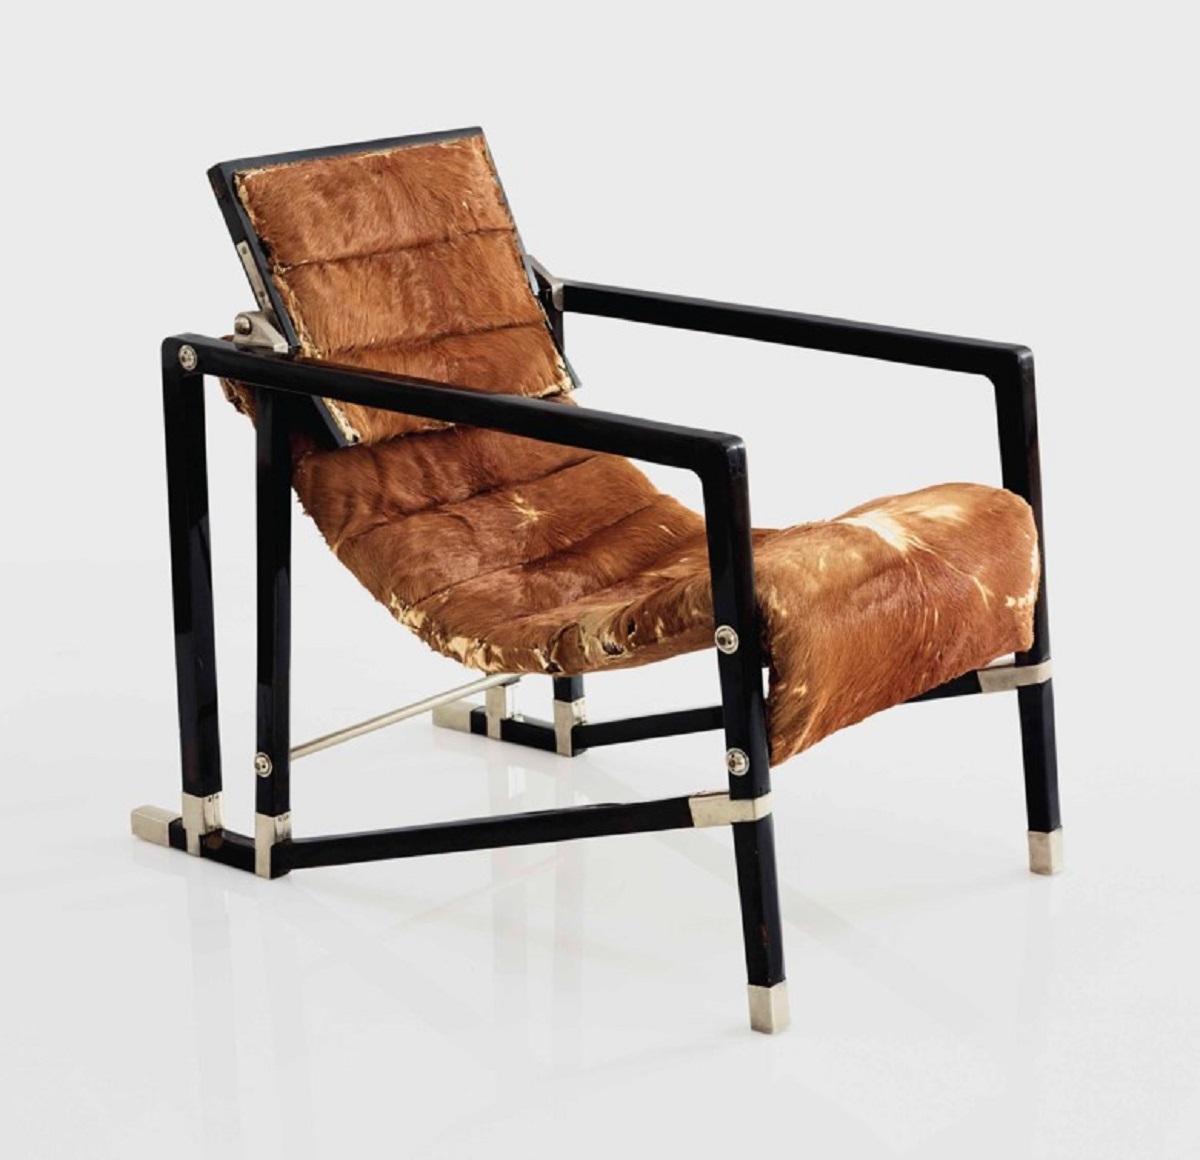 Ghế Transat - một chương mới khác biệt cho thiết kế nội thất